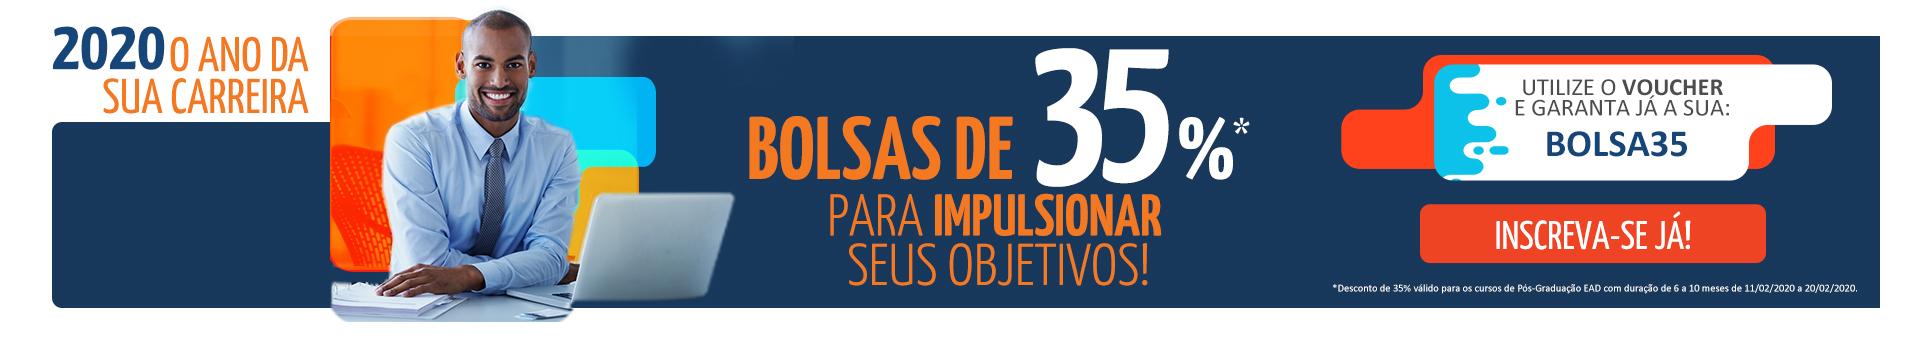 Bolsa35